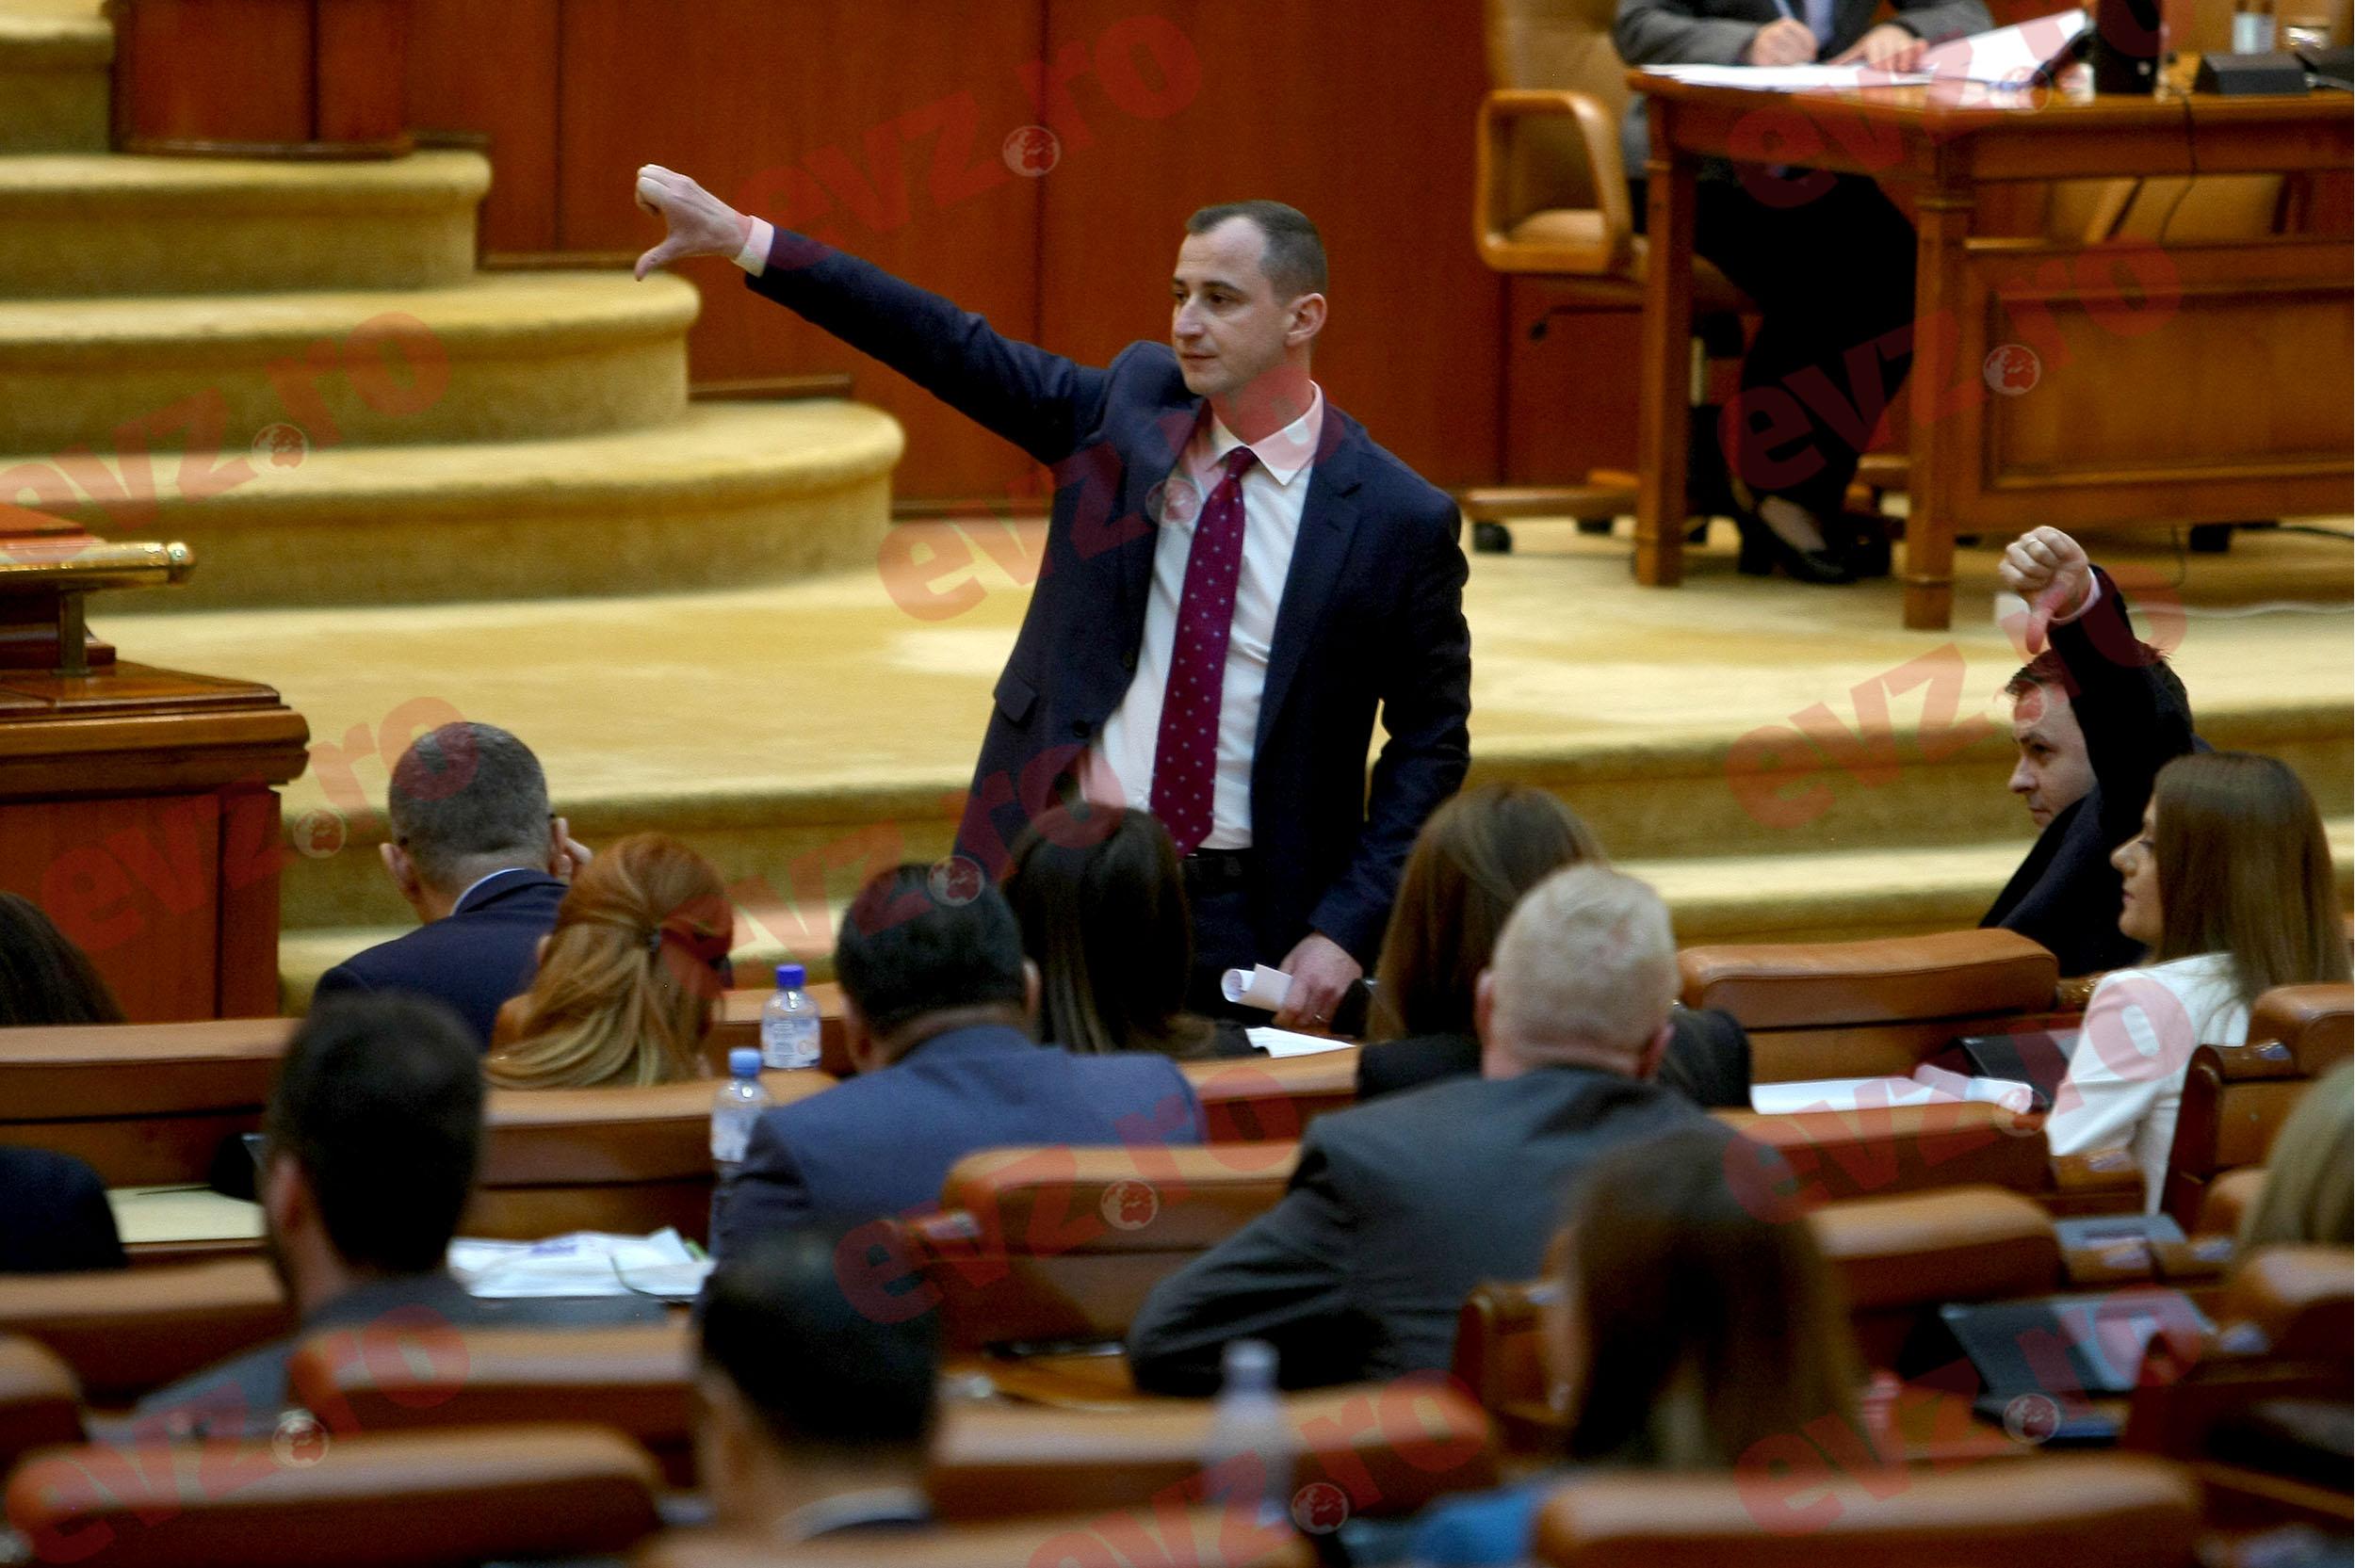 Începe bătălia! PSD pregătește o lovitură dură în Parlament: PNL este în alertă